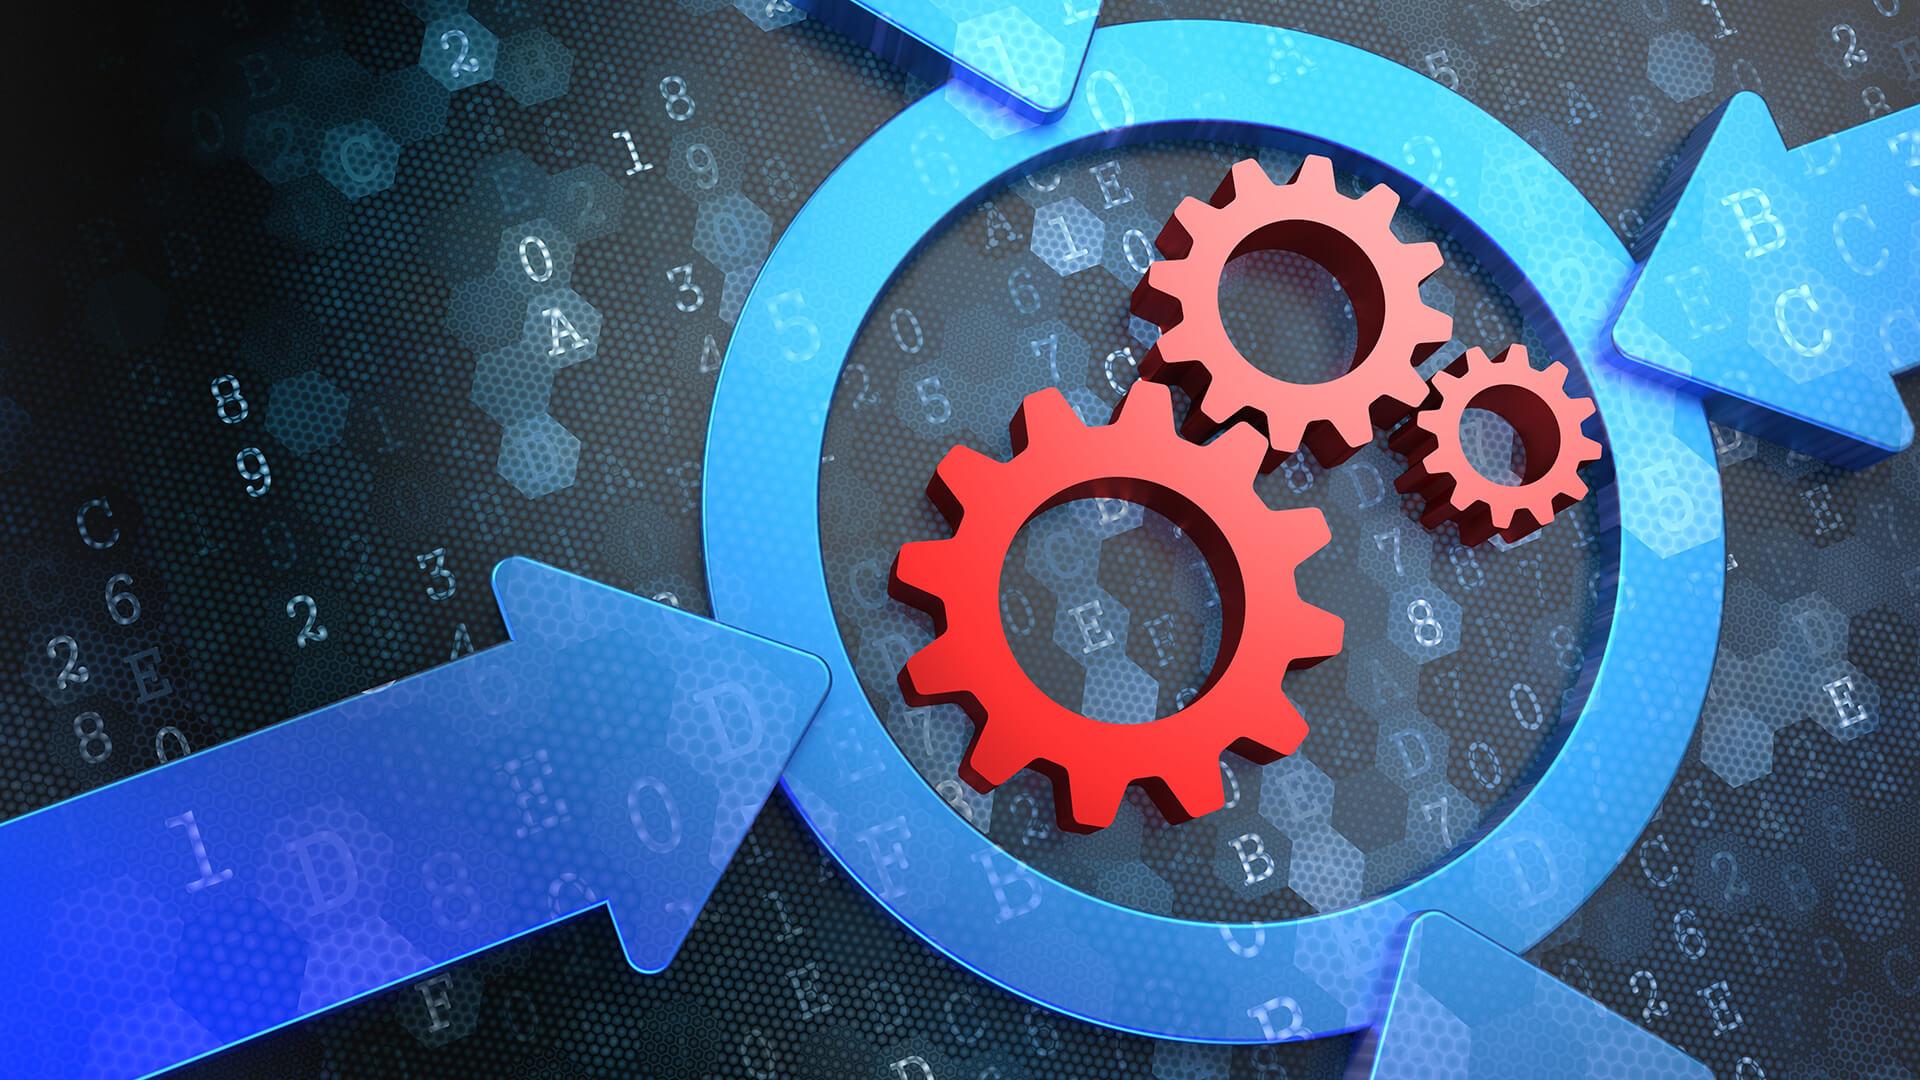 Mejore las clasificaciones de búsqueda y aumente la productividad con el software de automatización de marketing local